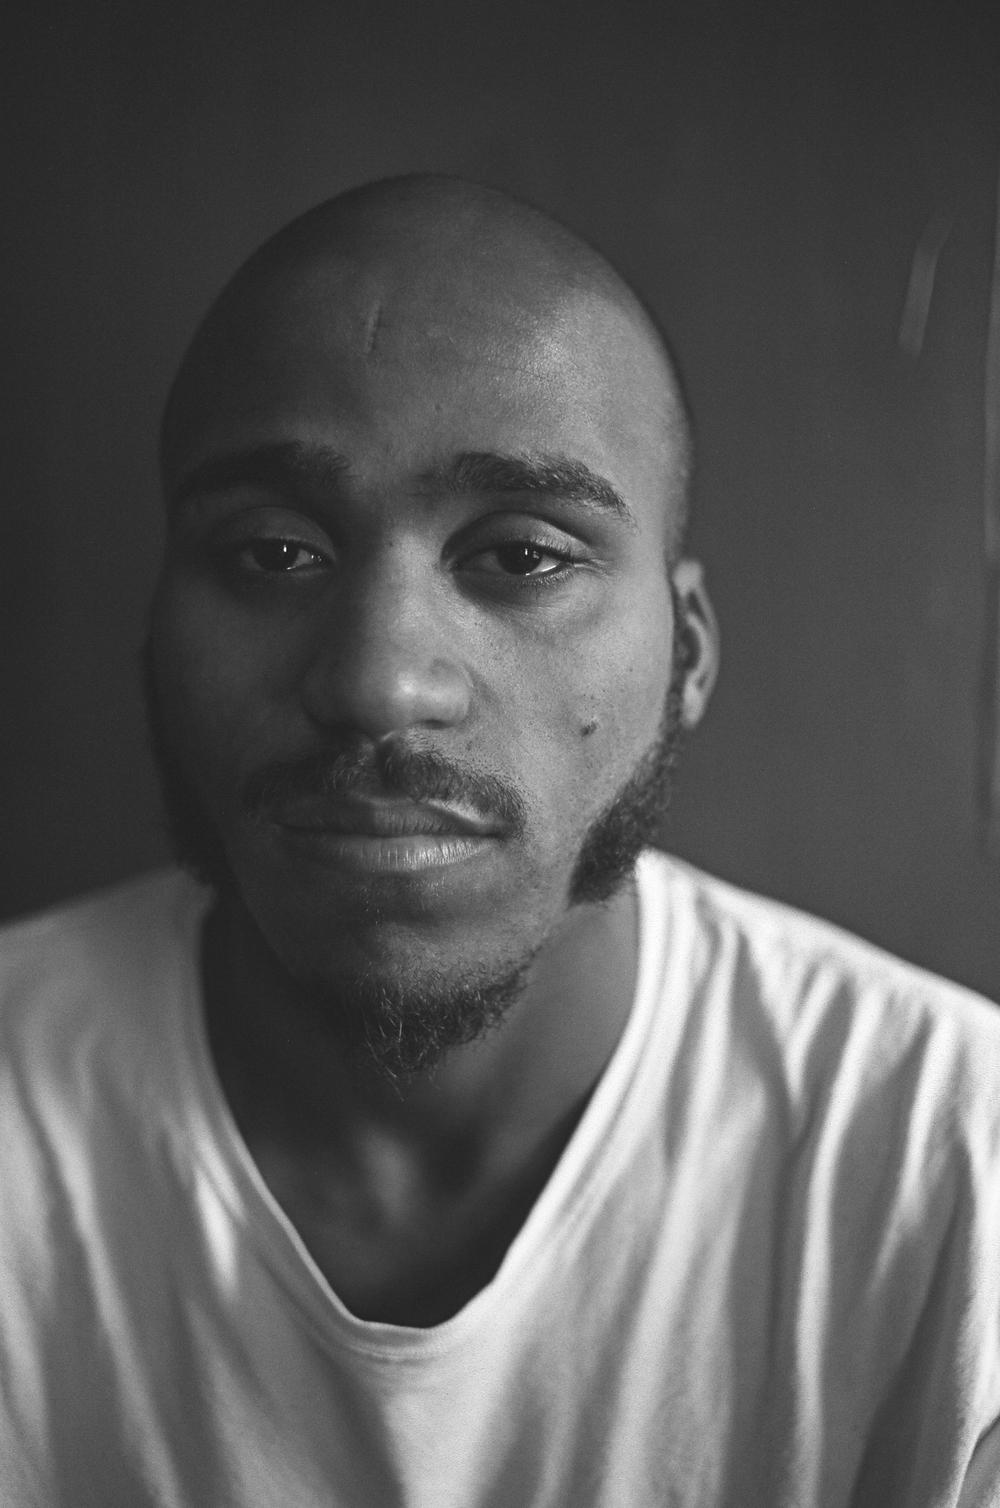 Portrait by www.JohnMarston.nyc